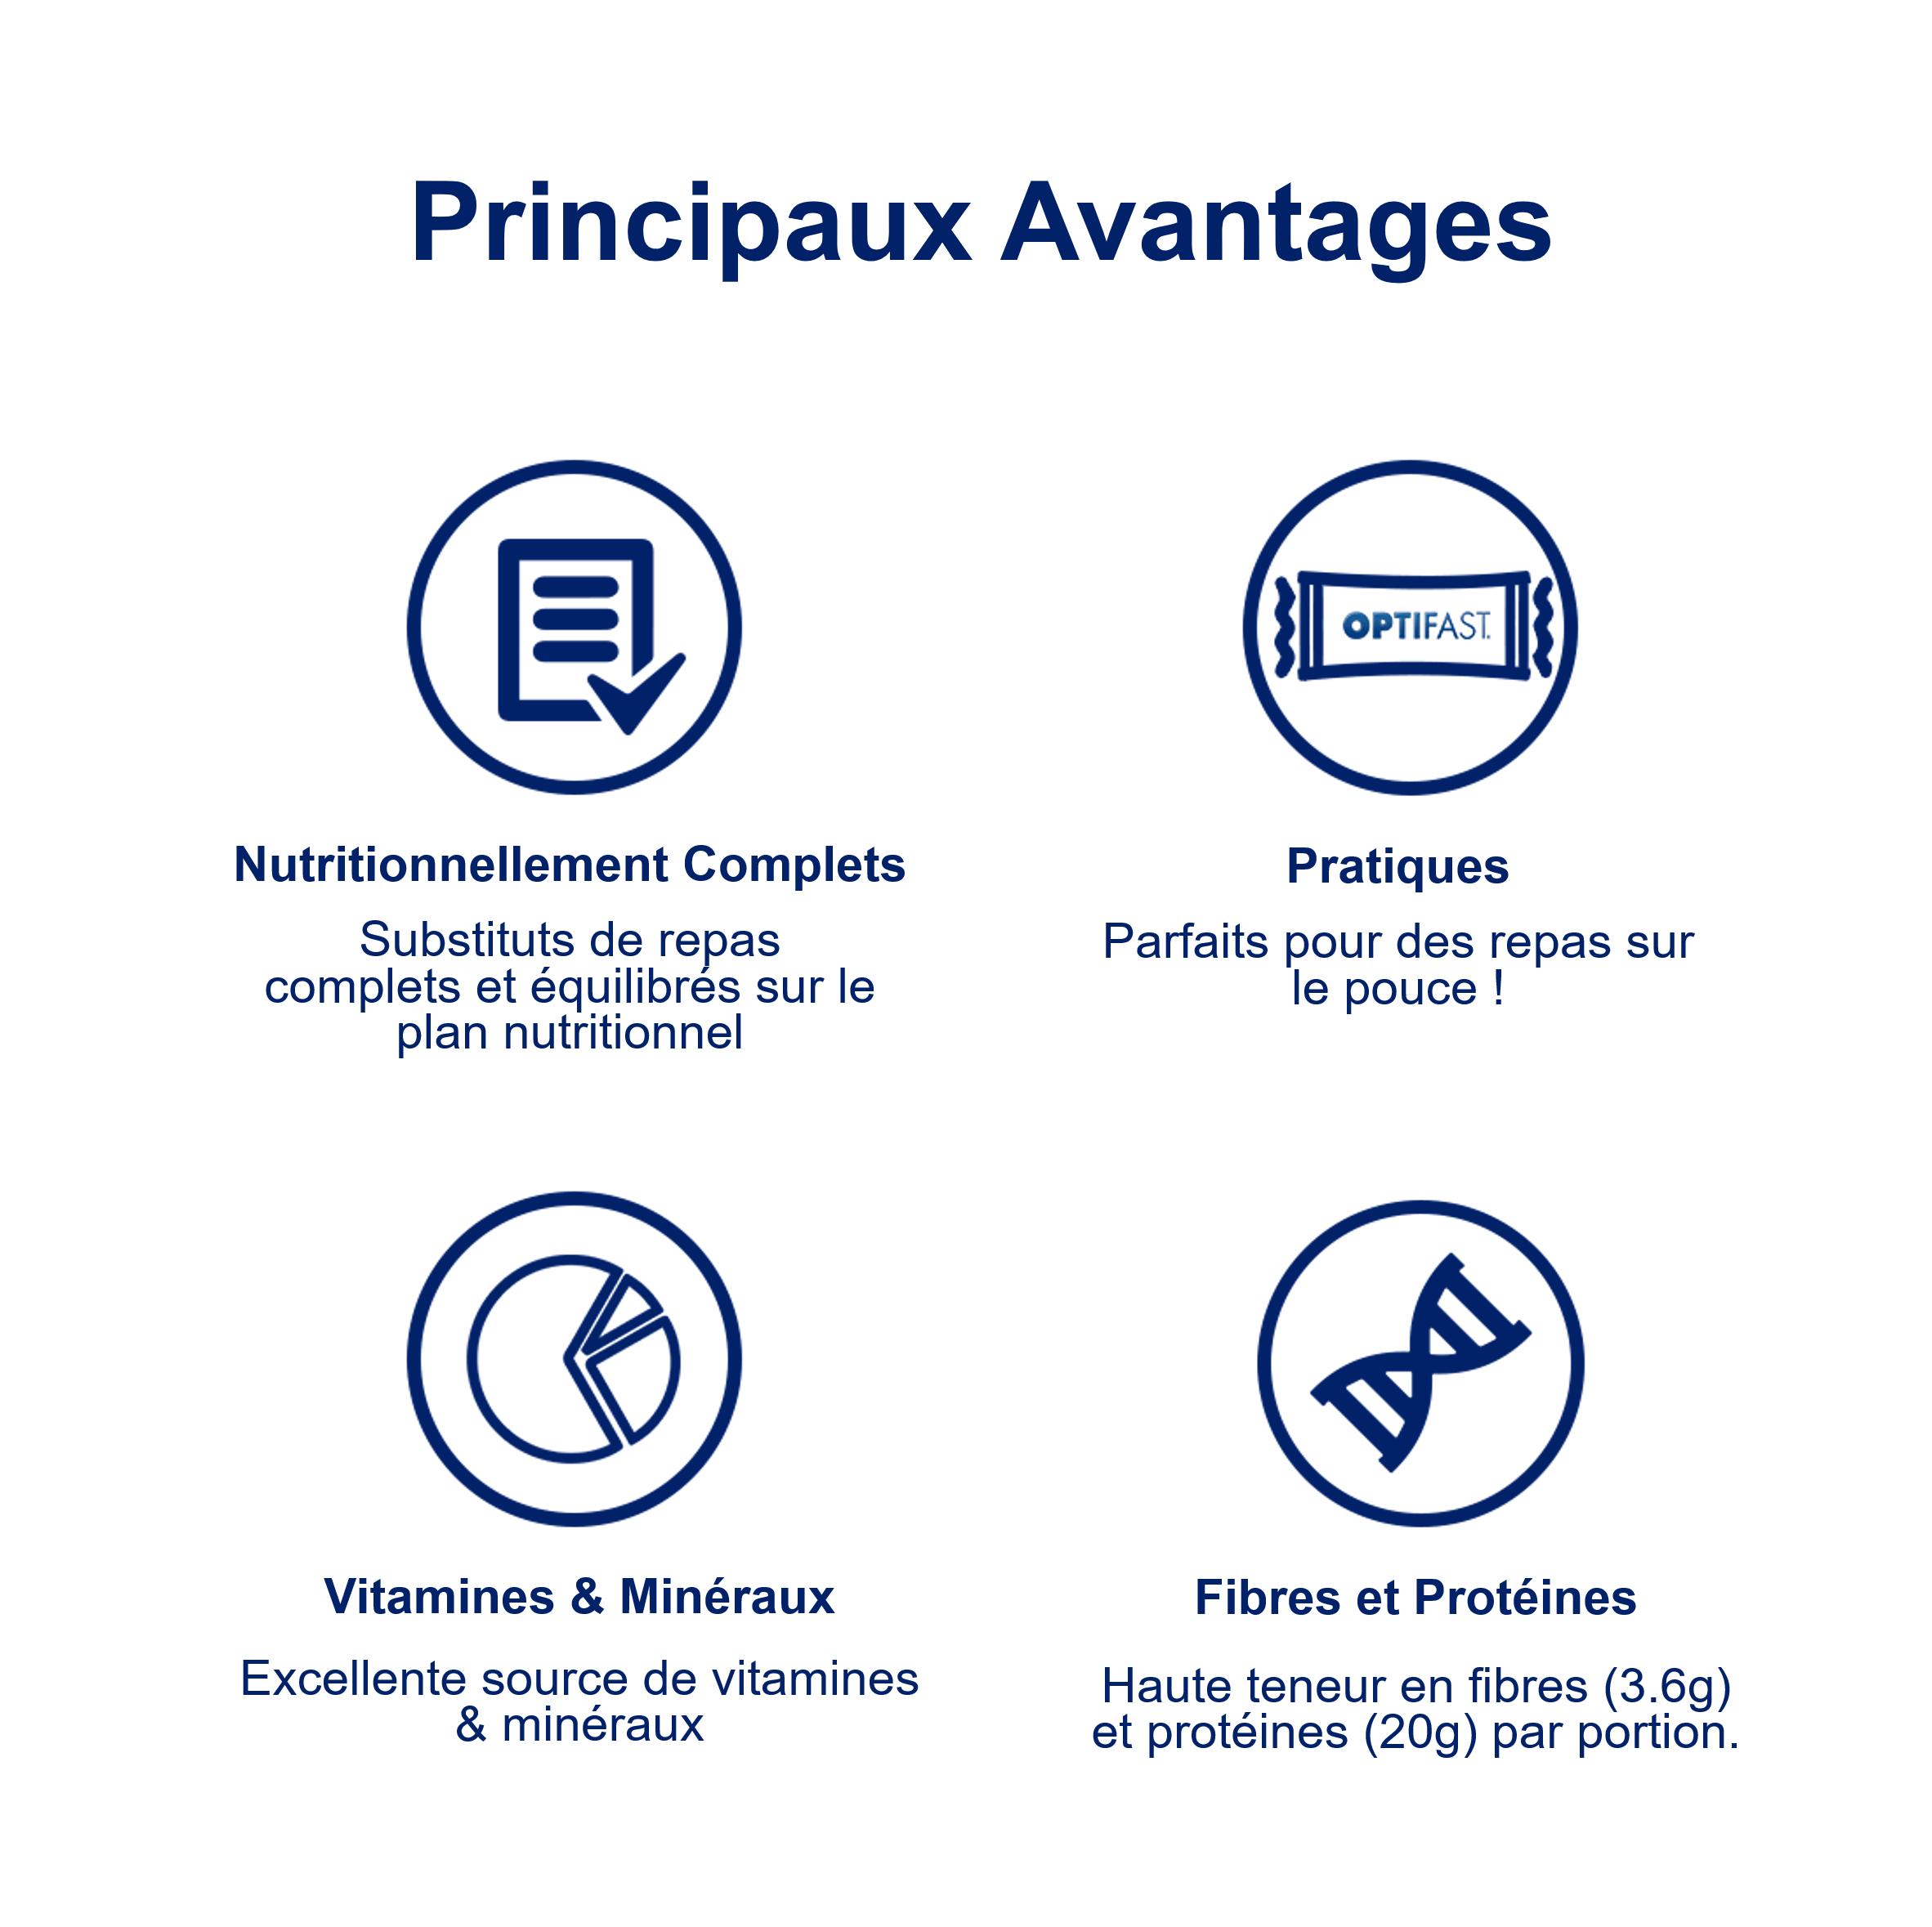 Principaux Avantages